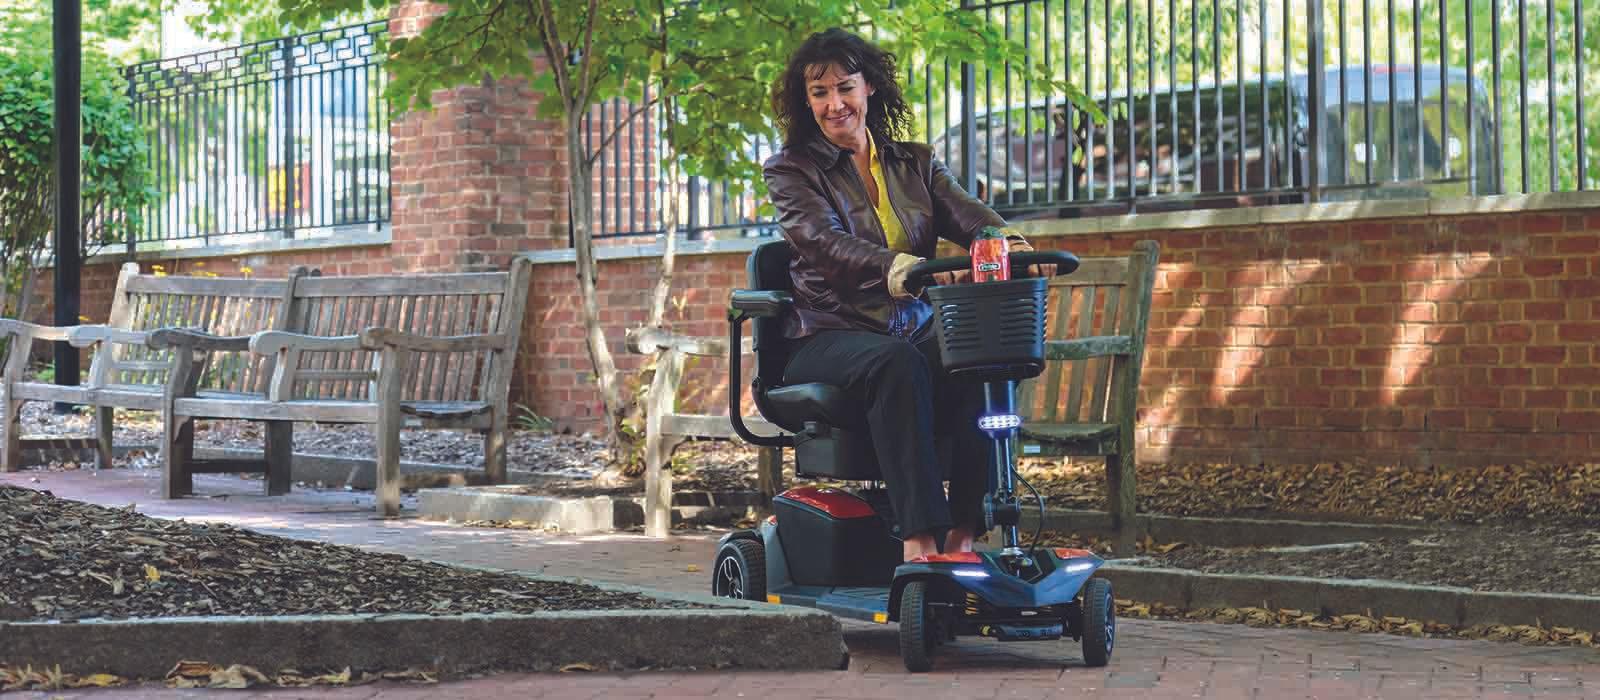 WheelchairPhoto18.jpg